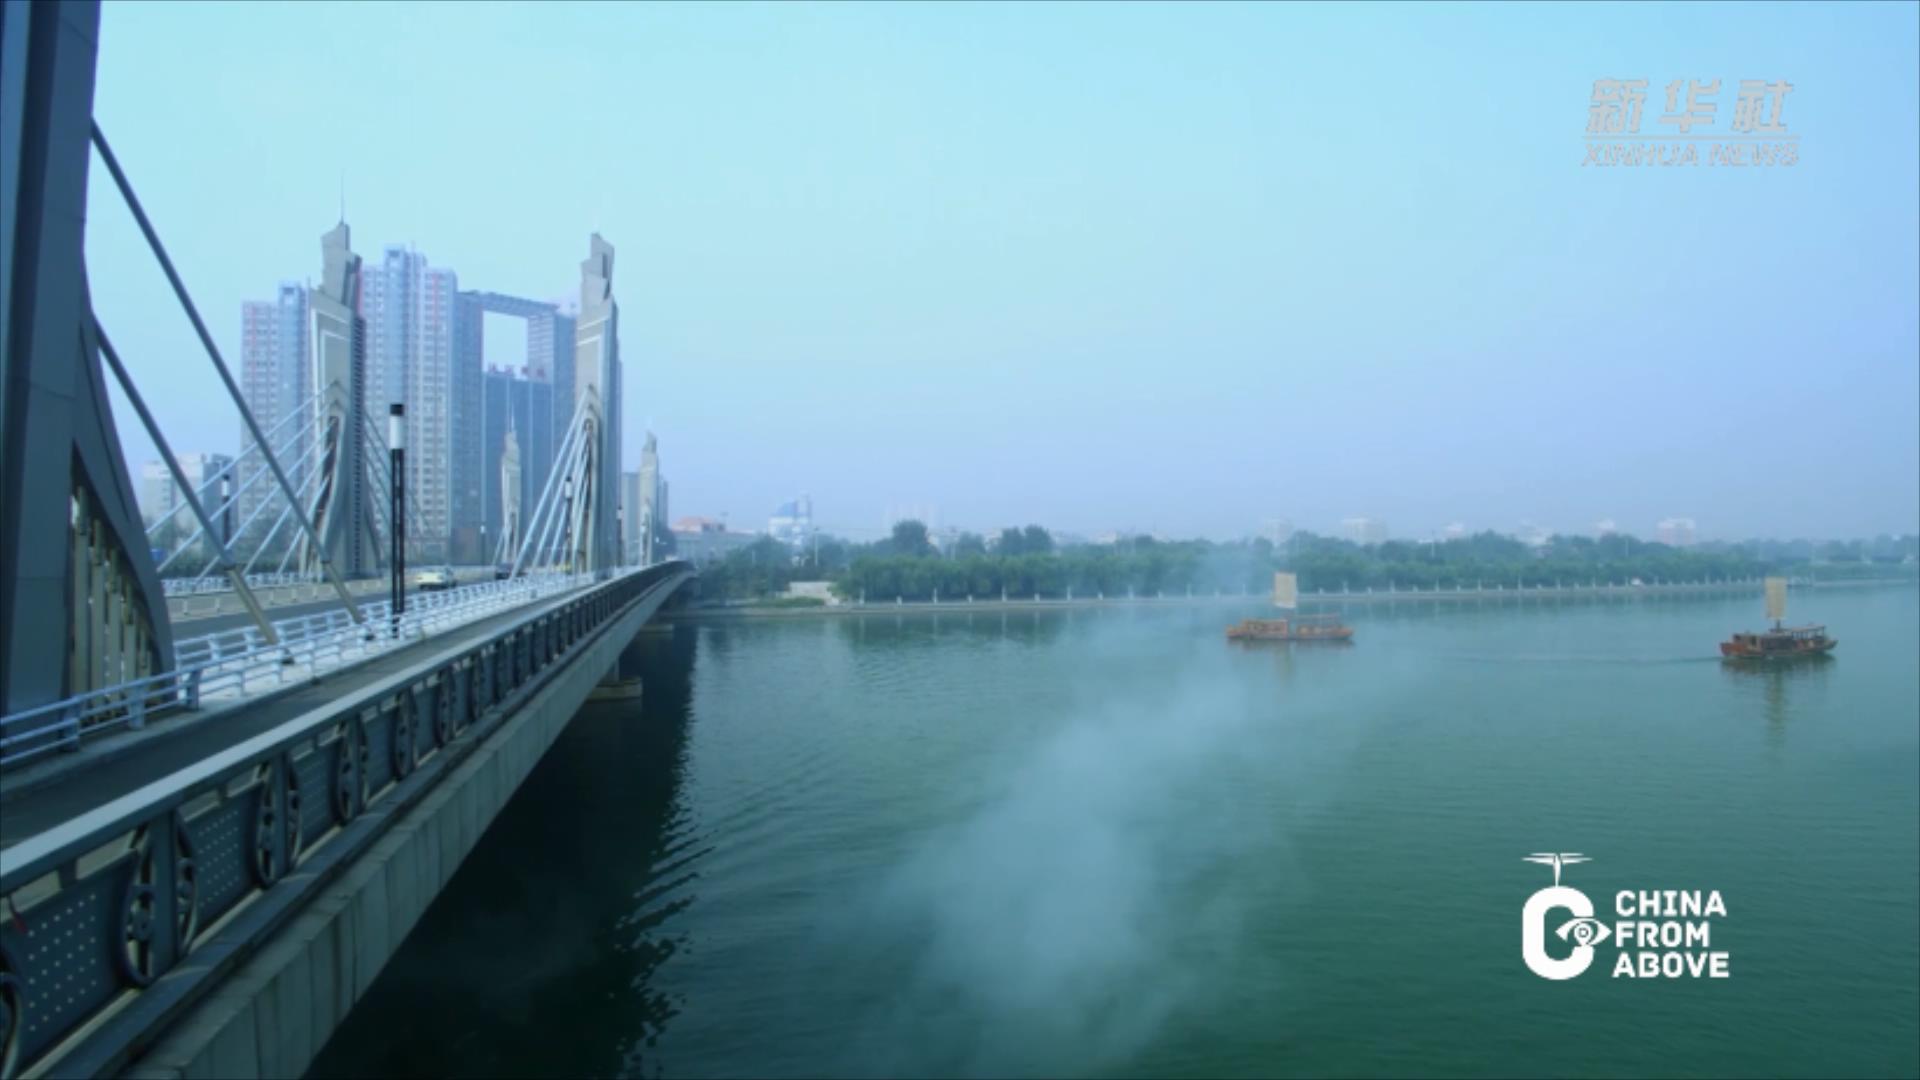 瞰中国|京城风华 包容万方 ——京杭大运河之北京段